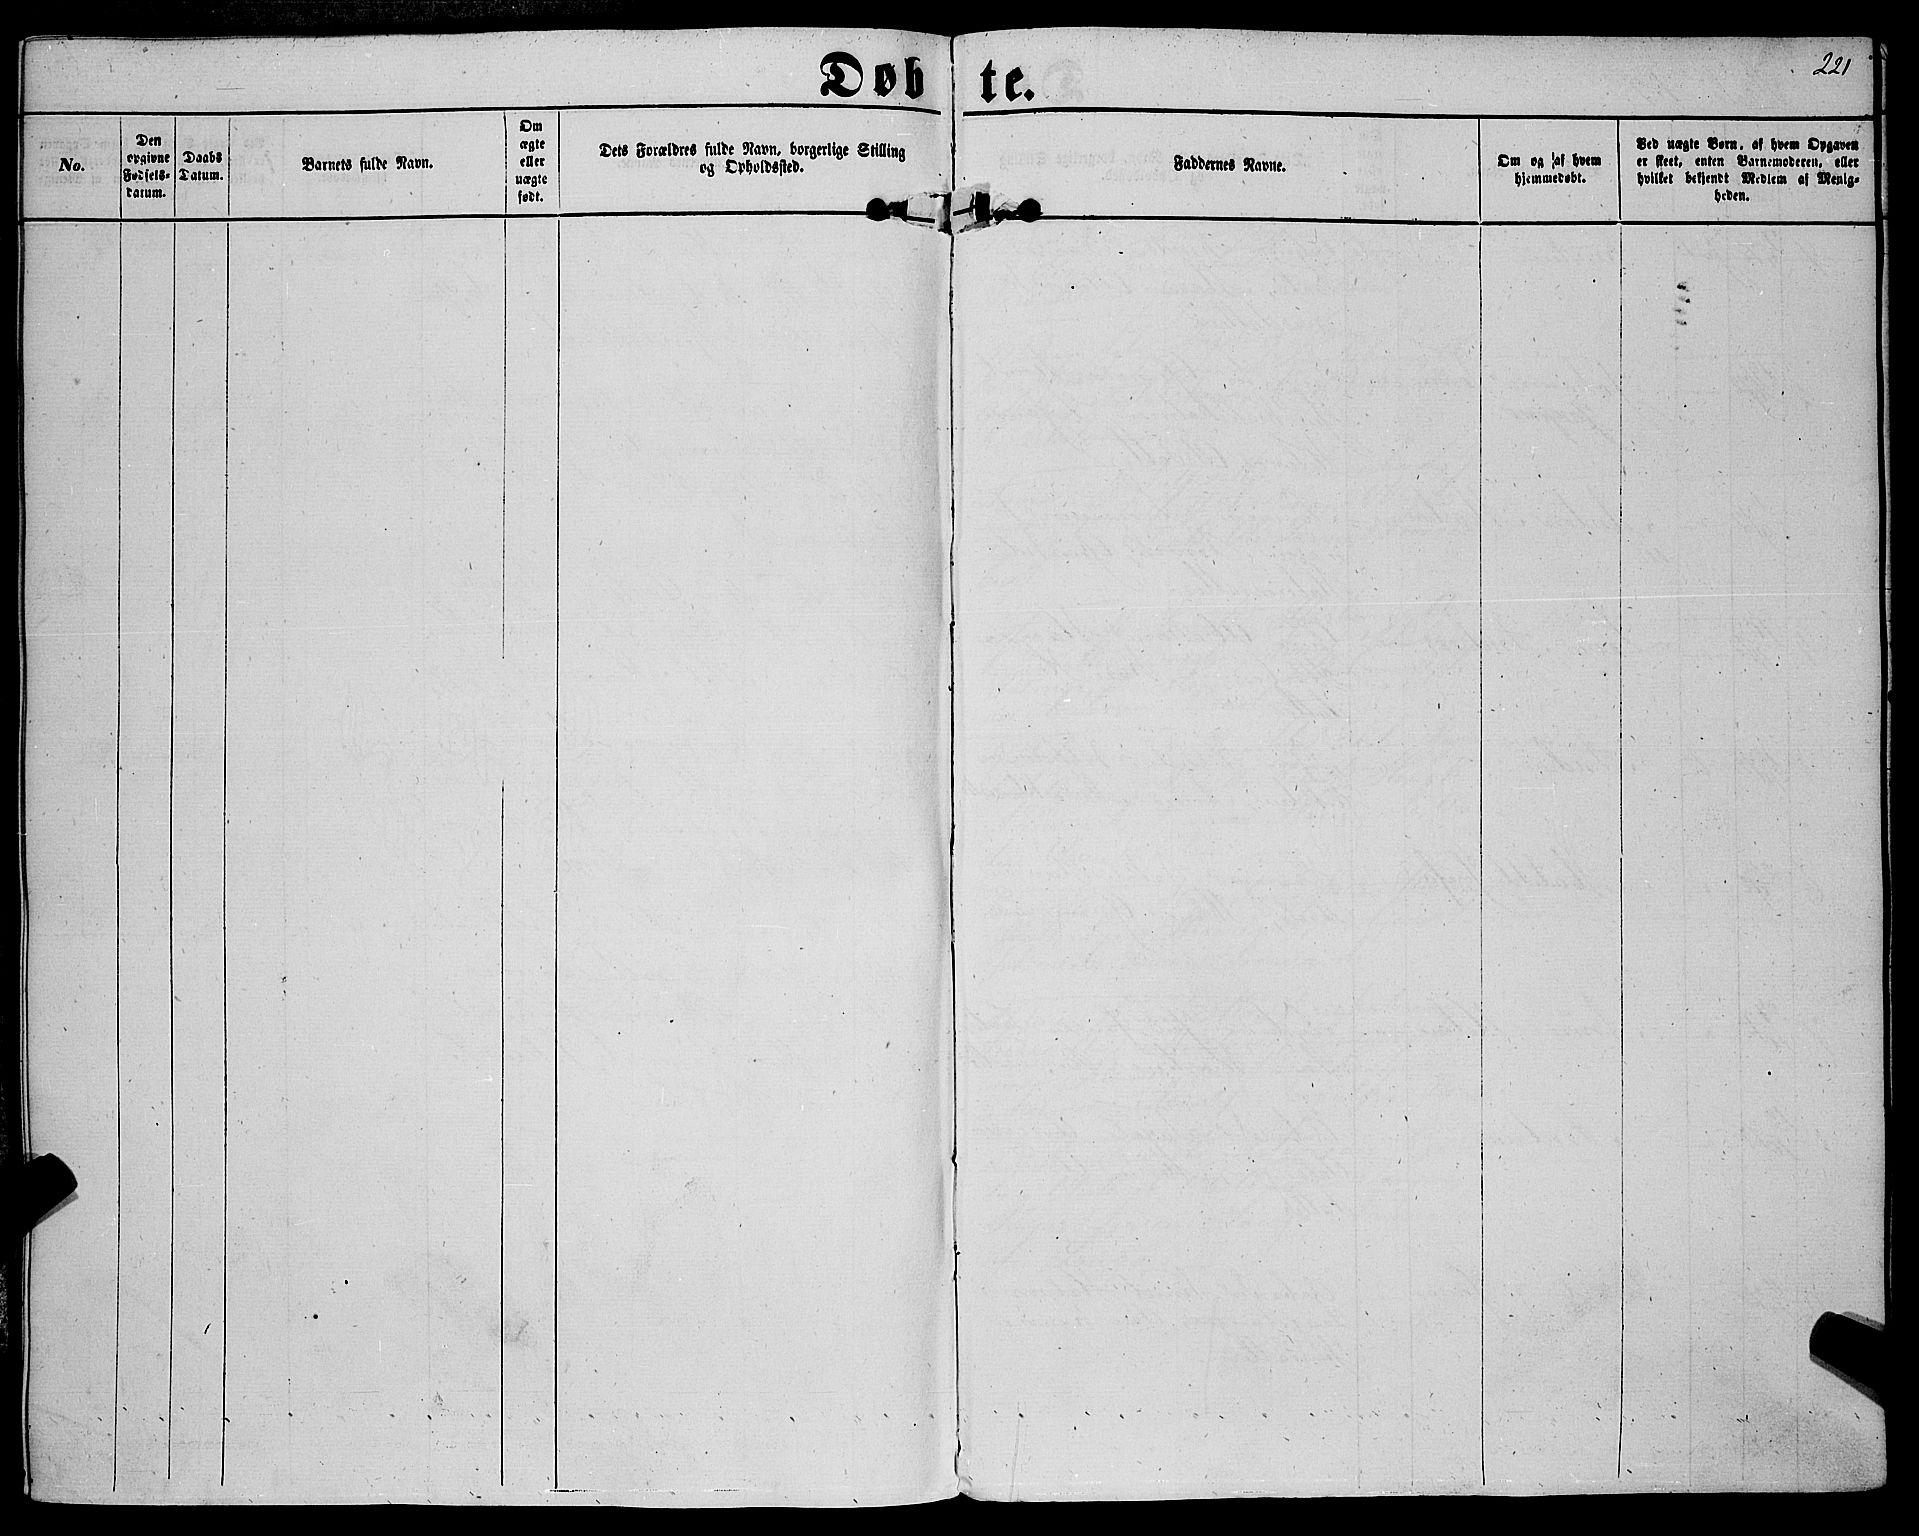 SAKO, Sannidal kirkebøker, F/Fa/L0011: Ministerialbok nr. 11, 1863-1873, s. 221